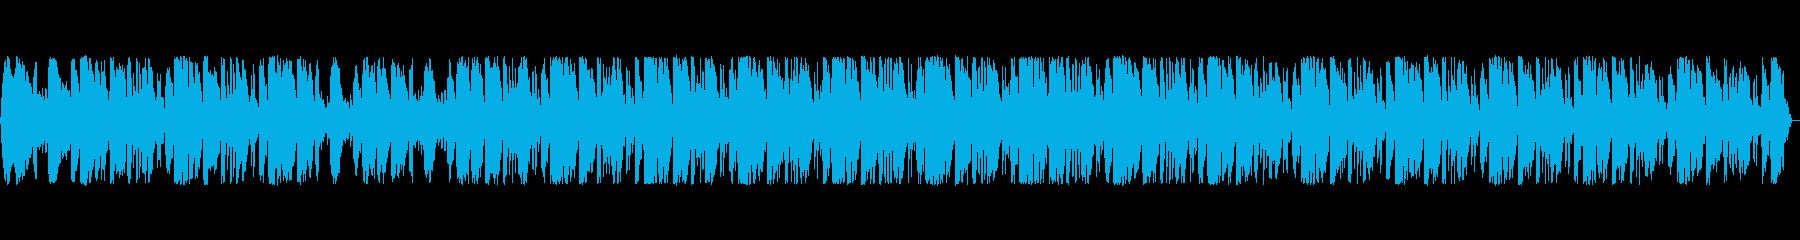 シンセサイザーを使った近未来的なポップスの再生済みの波形